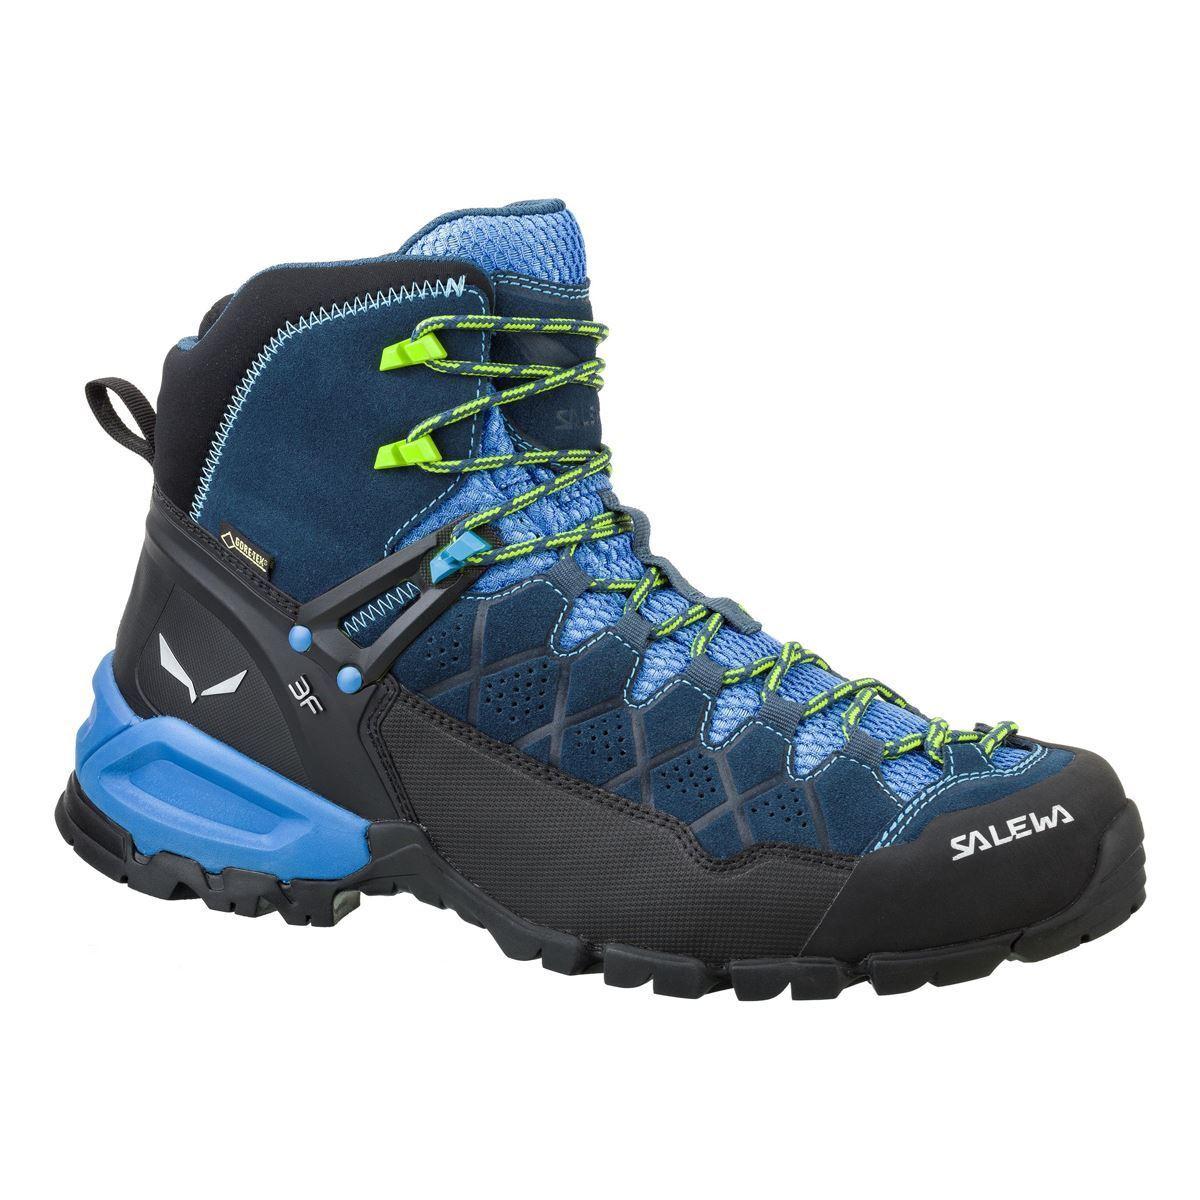 Salewa Alp Trainer Mid Gore-Tex Denim Mens Hiking Boots